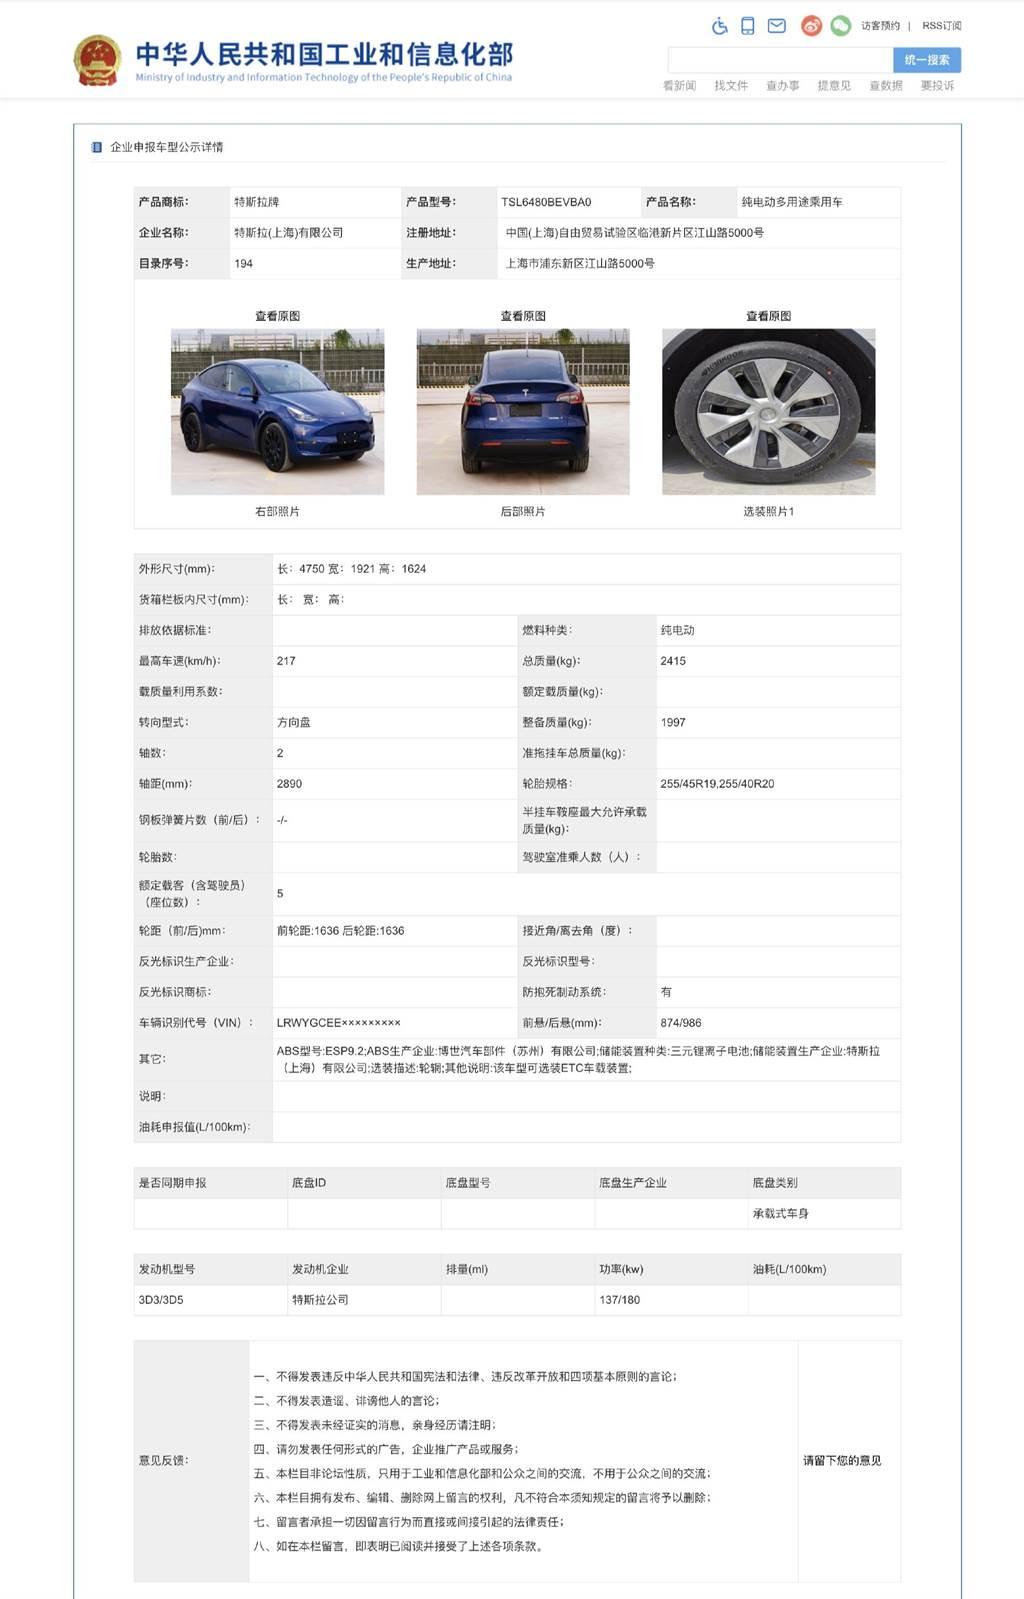 Model Y 正式登陸中國工信部,特斯拉重磅新車離上市更近一步